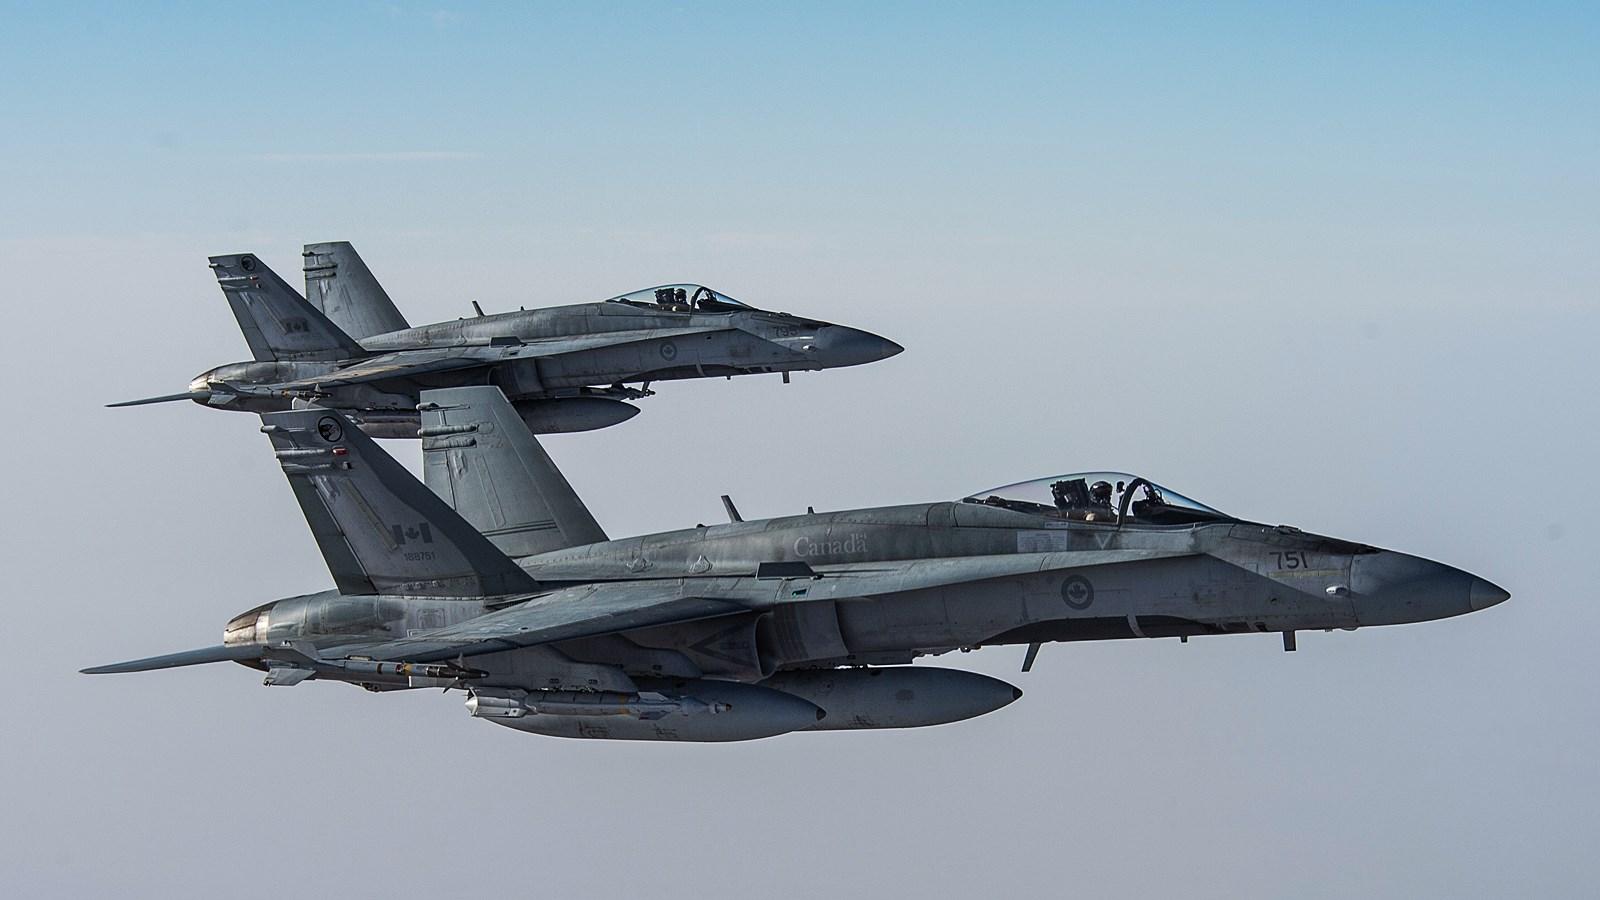 요르단 '反 IS' 딜레마속에 IS 공습하는 캐나다공..